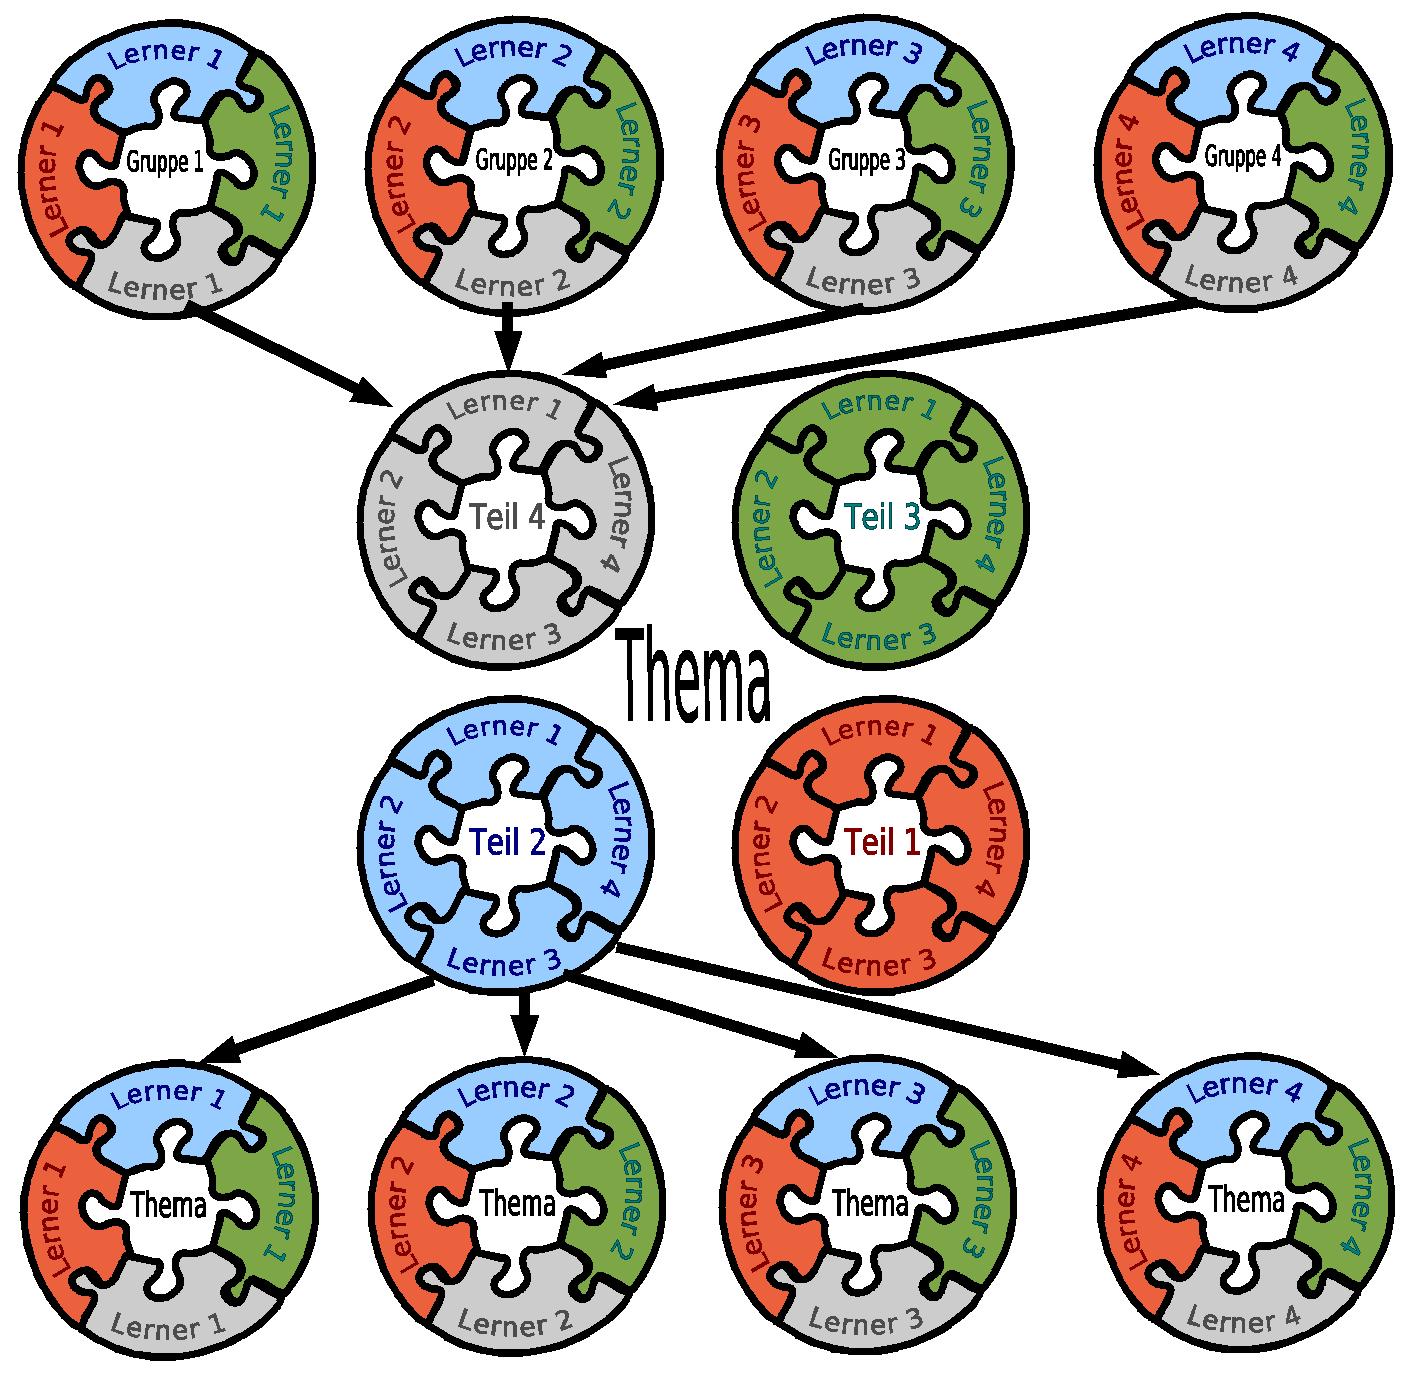 Darstellung eines Gruppenpuzzles